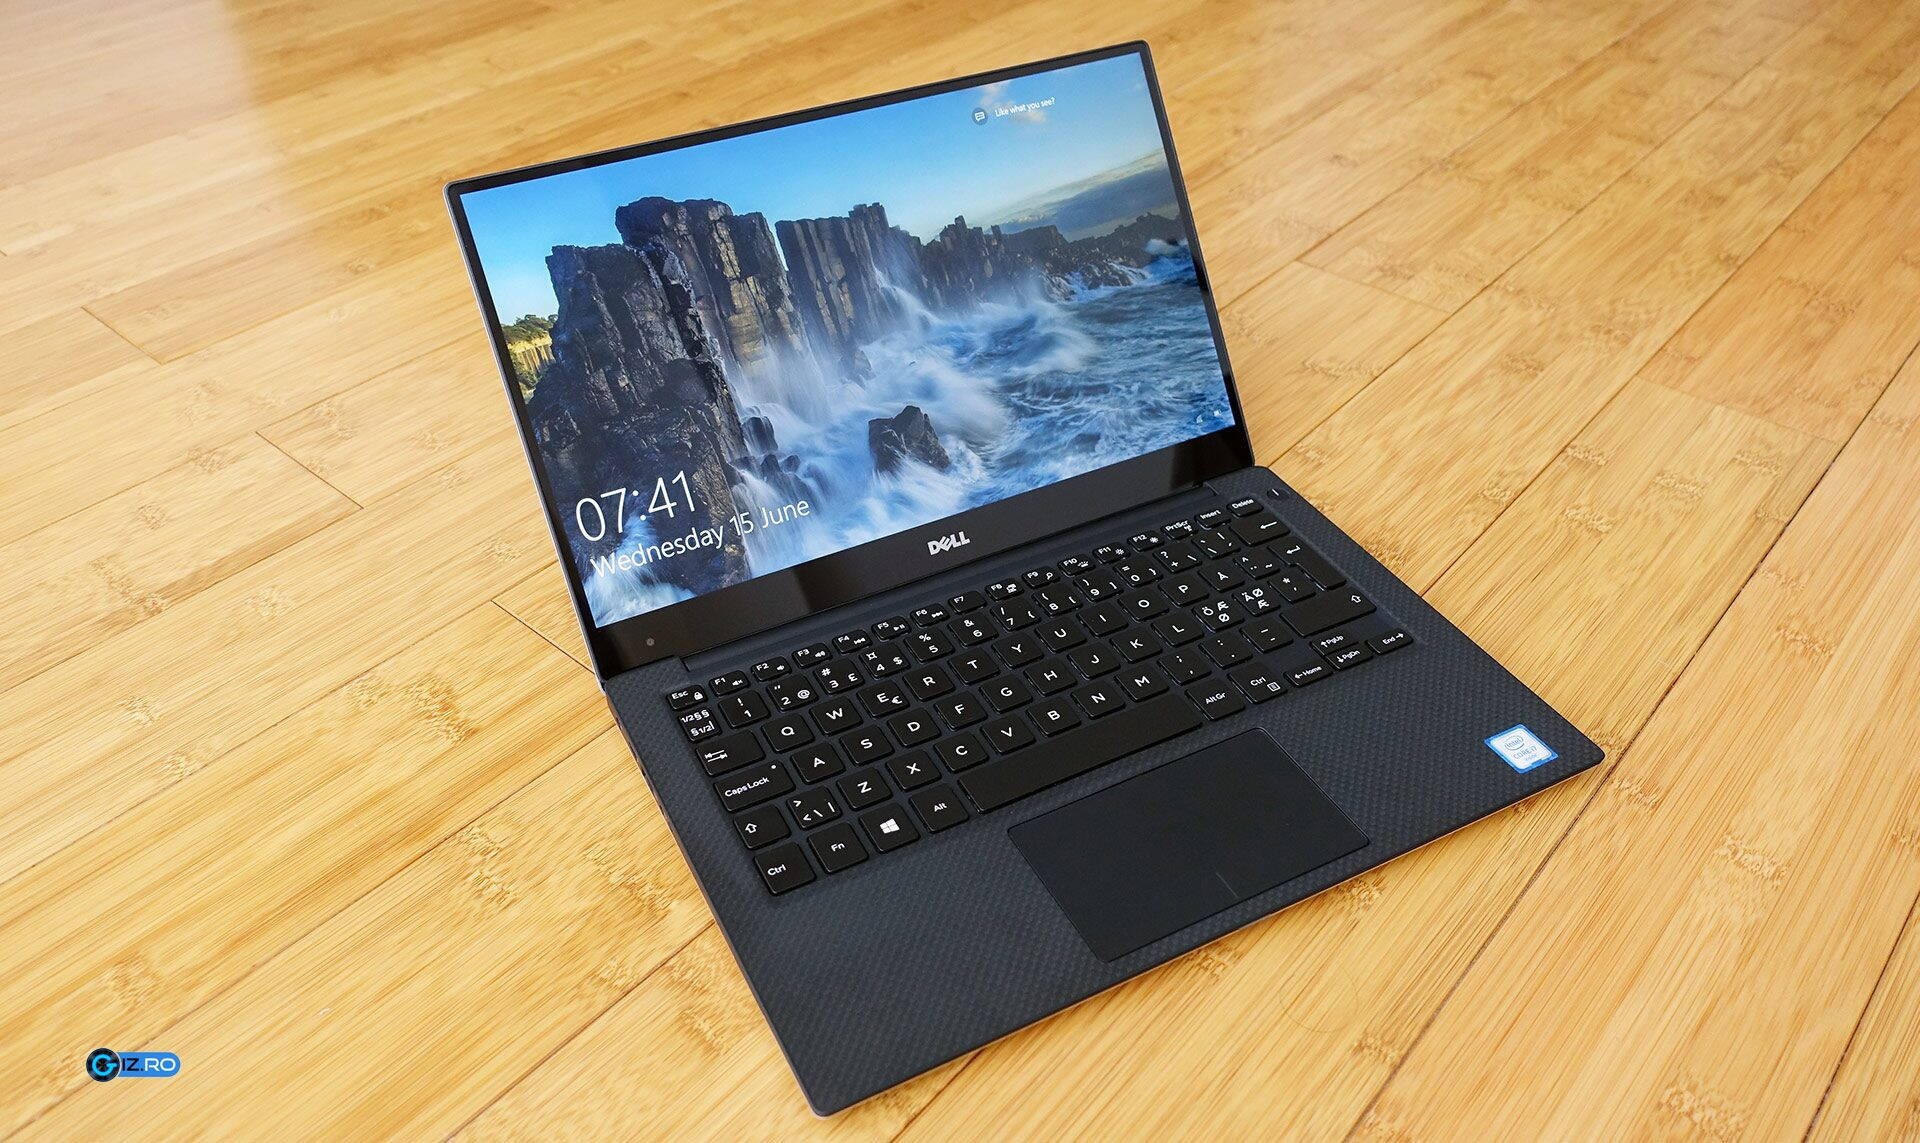 Dell-ul XPS 13 9350 pleacă de la circa 8200 de lei în magazinele românești la momentul acestui articol